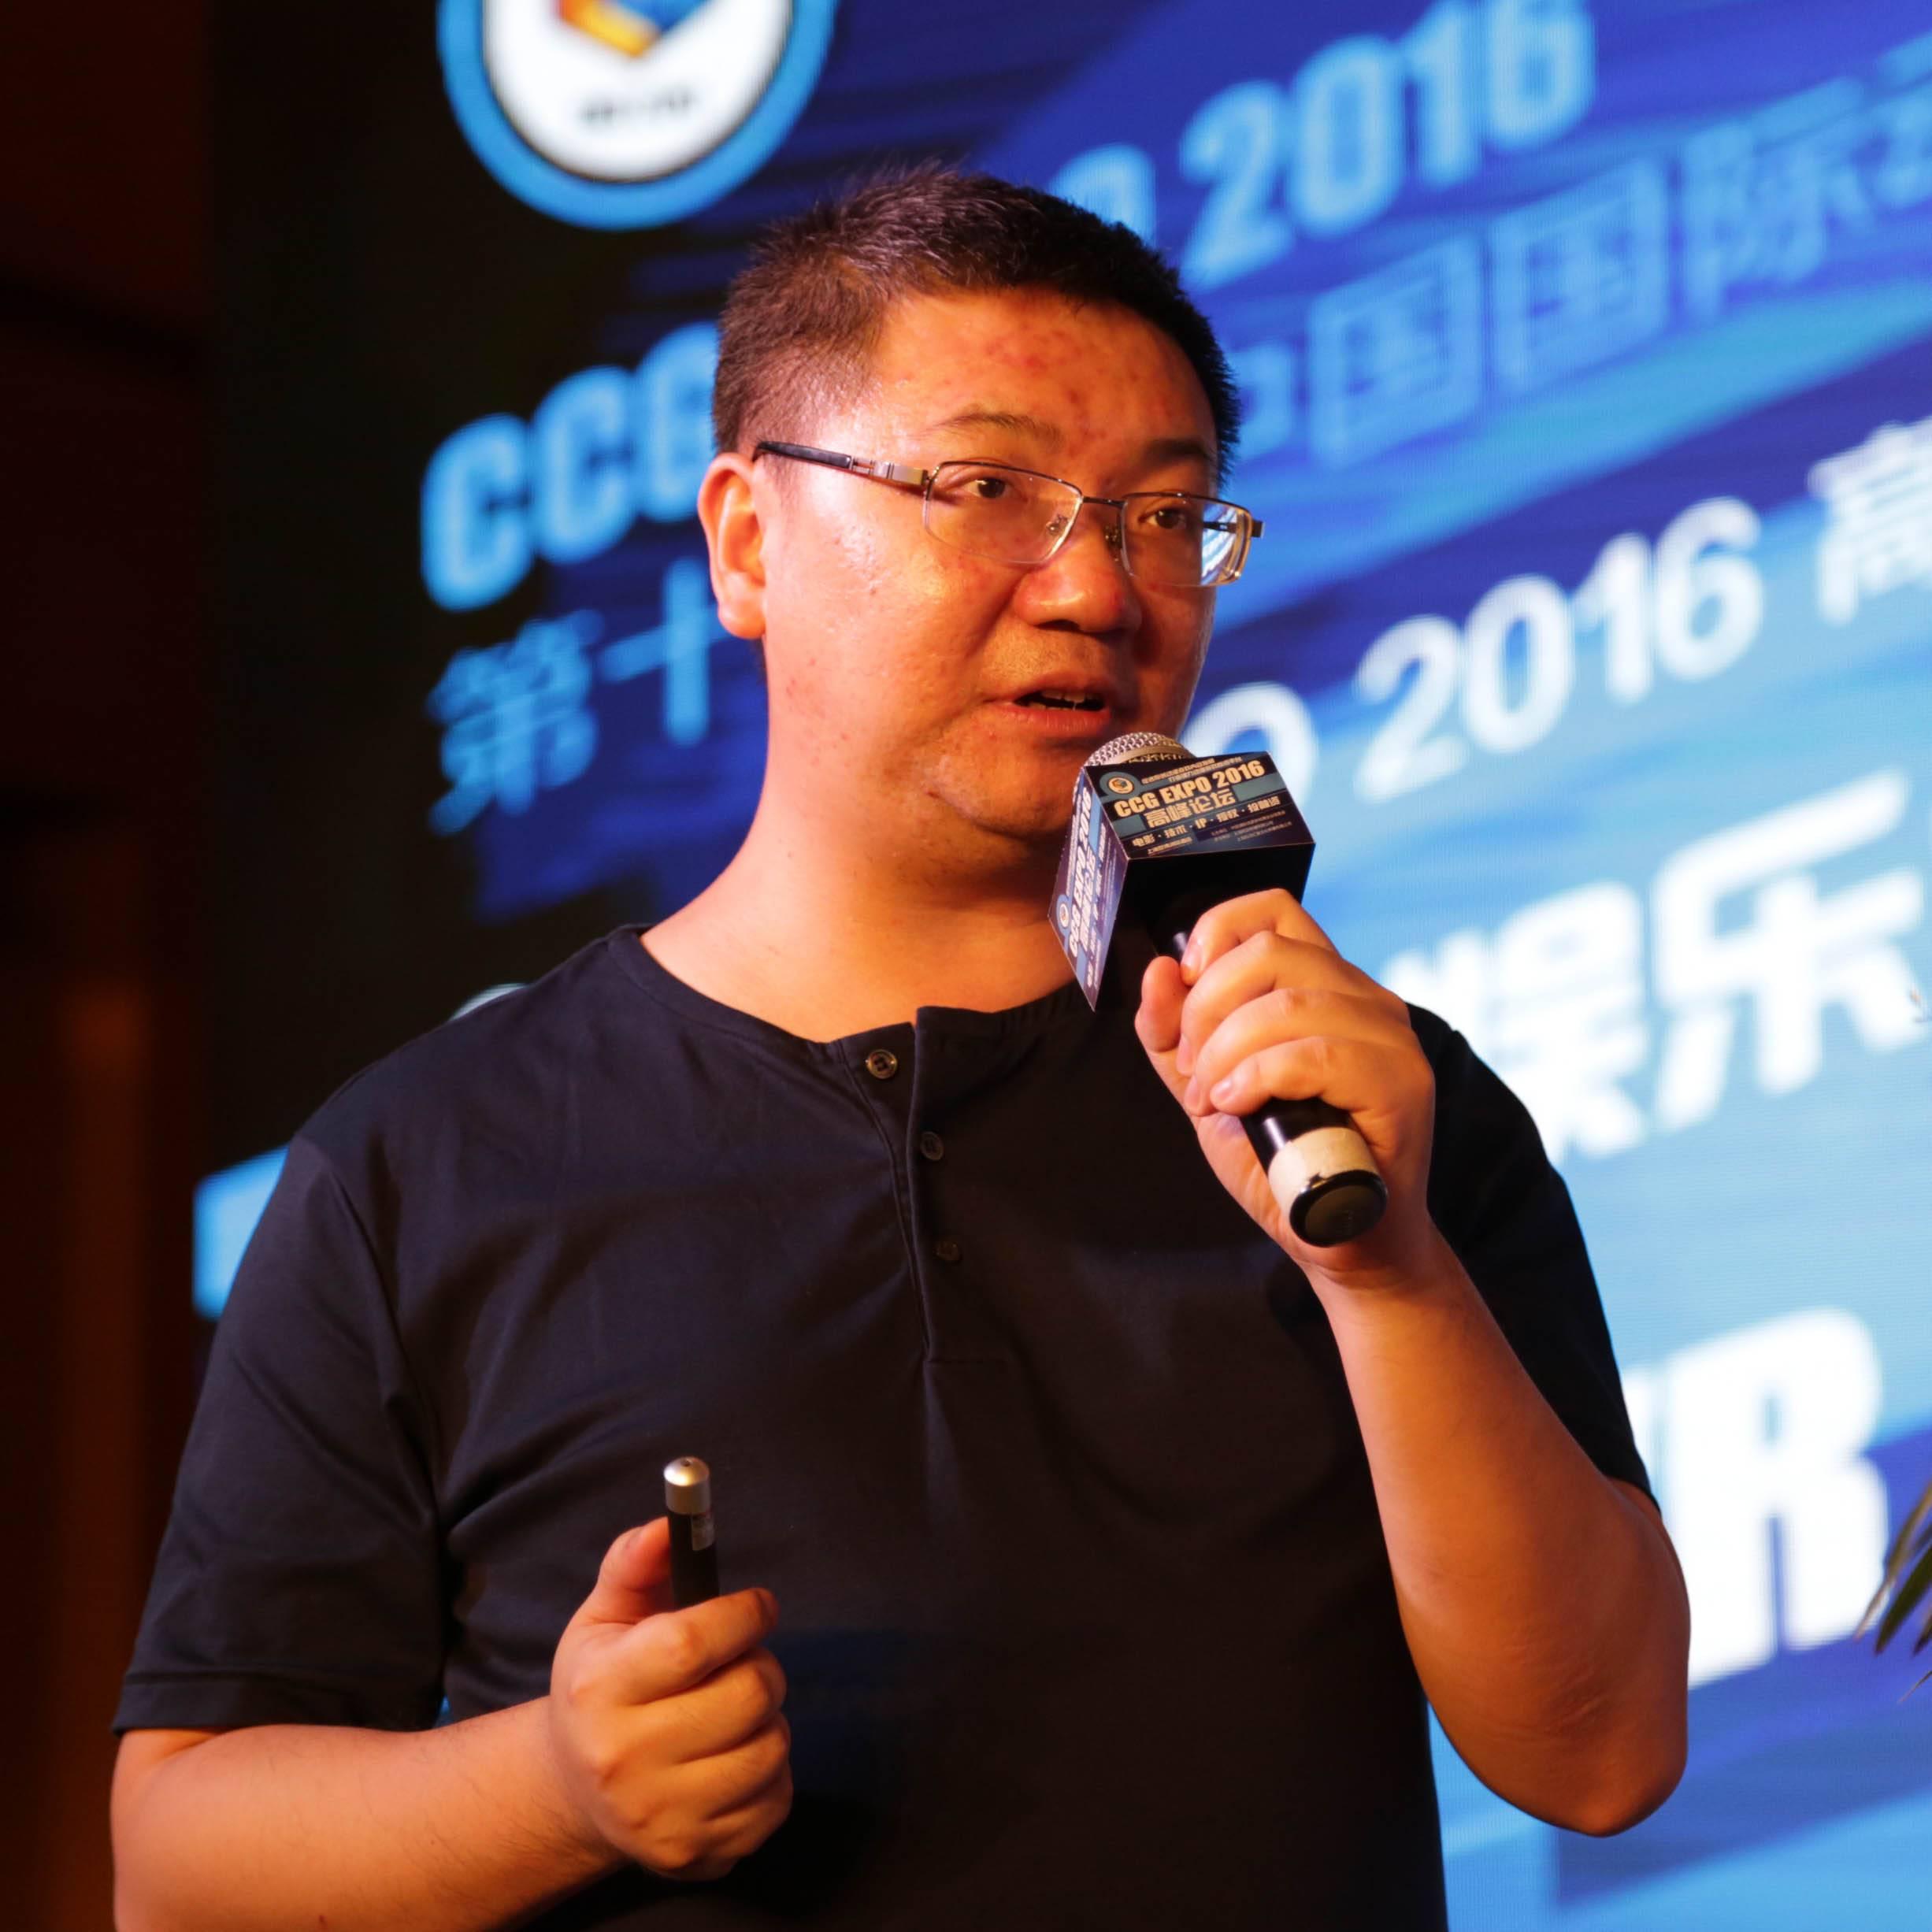 創幻科技 CEO 陳堅